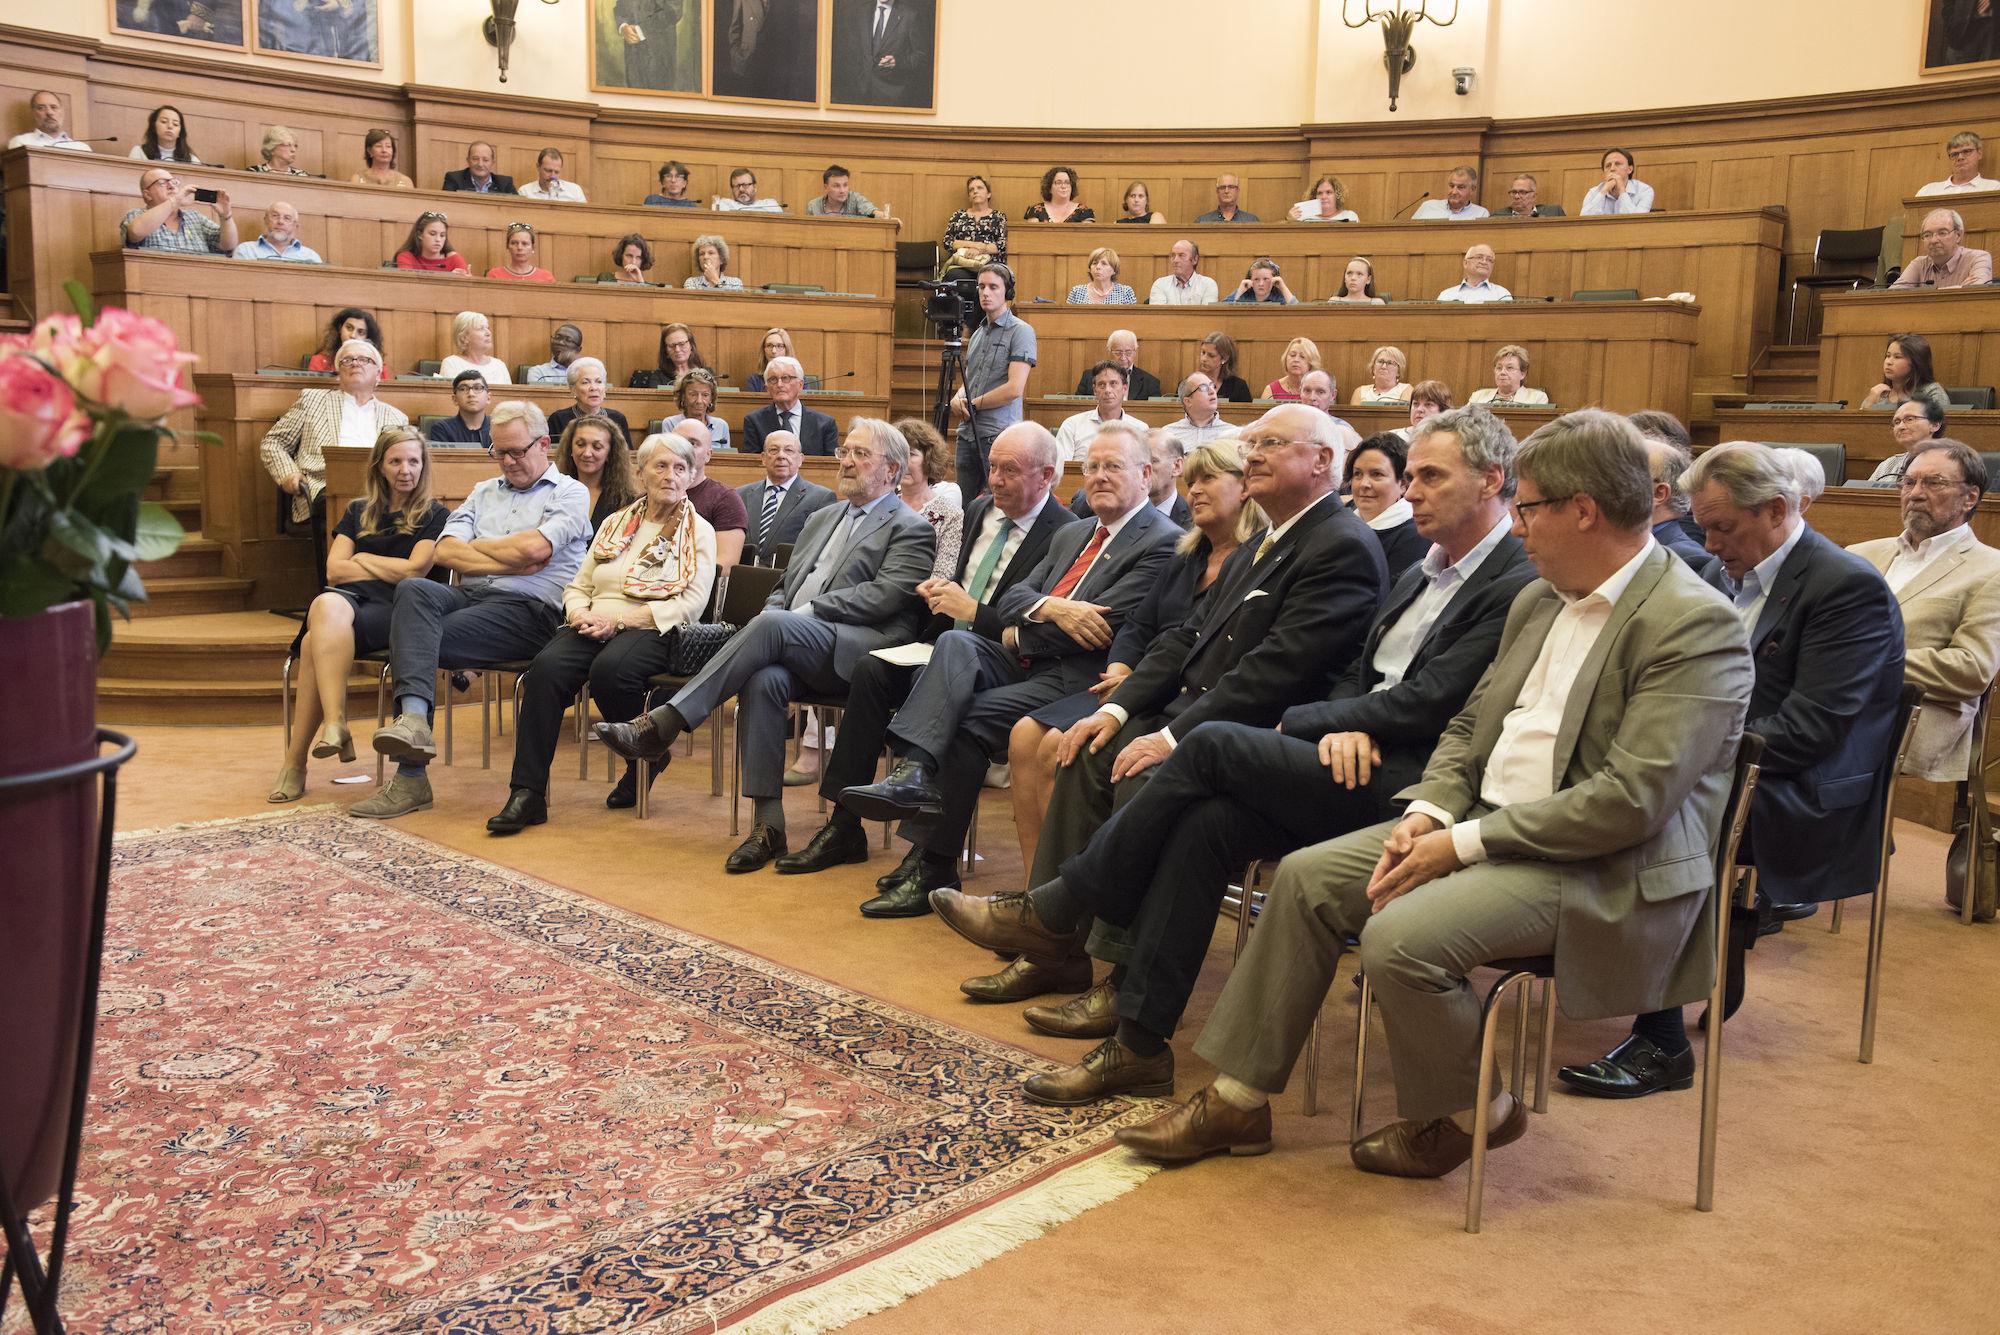 20180905 Huldezitting Provincieraad